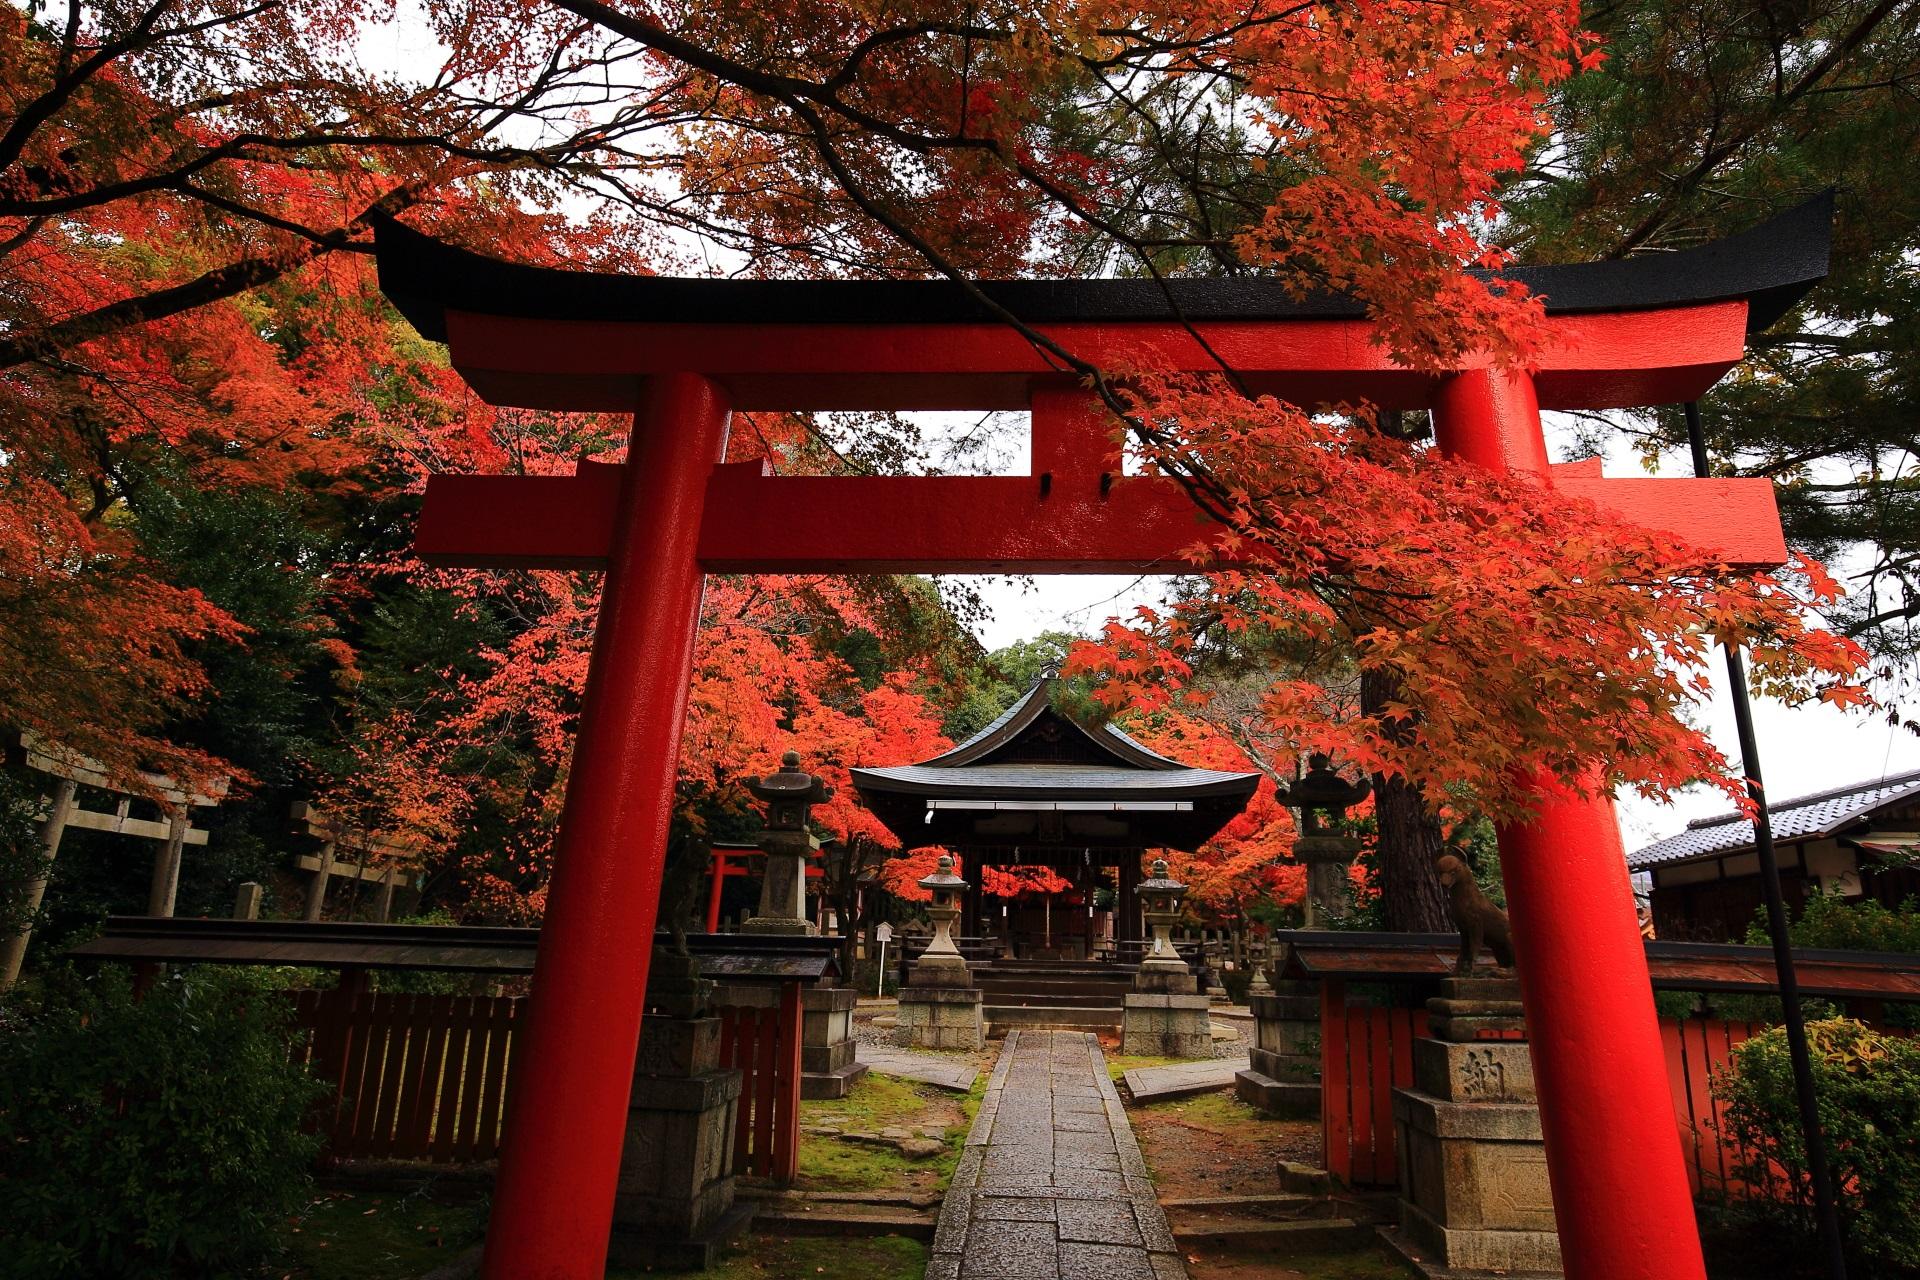 竹中稲荷神社の長い鳥居の参道の奥に佇む拝殿と鮮やかな紅葉